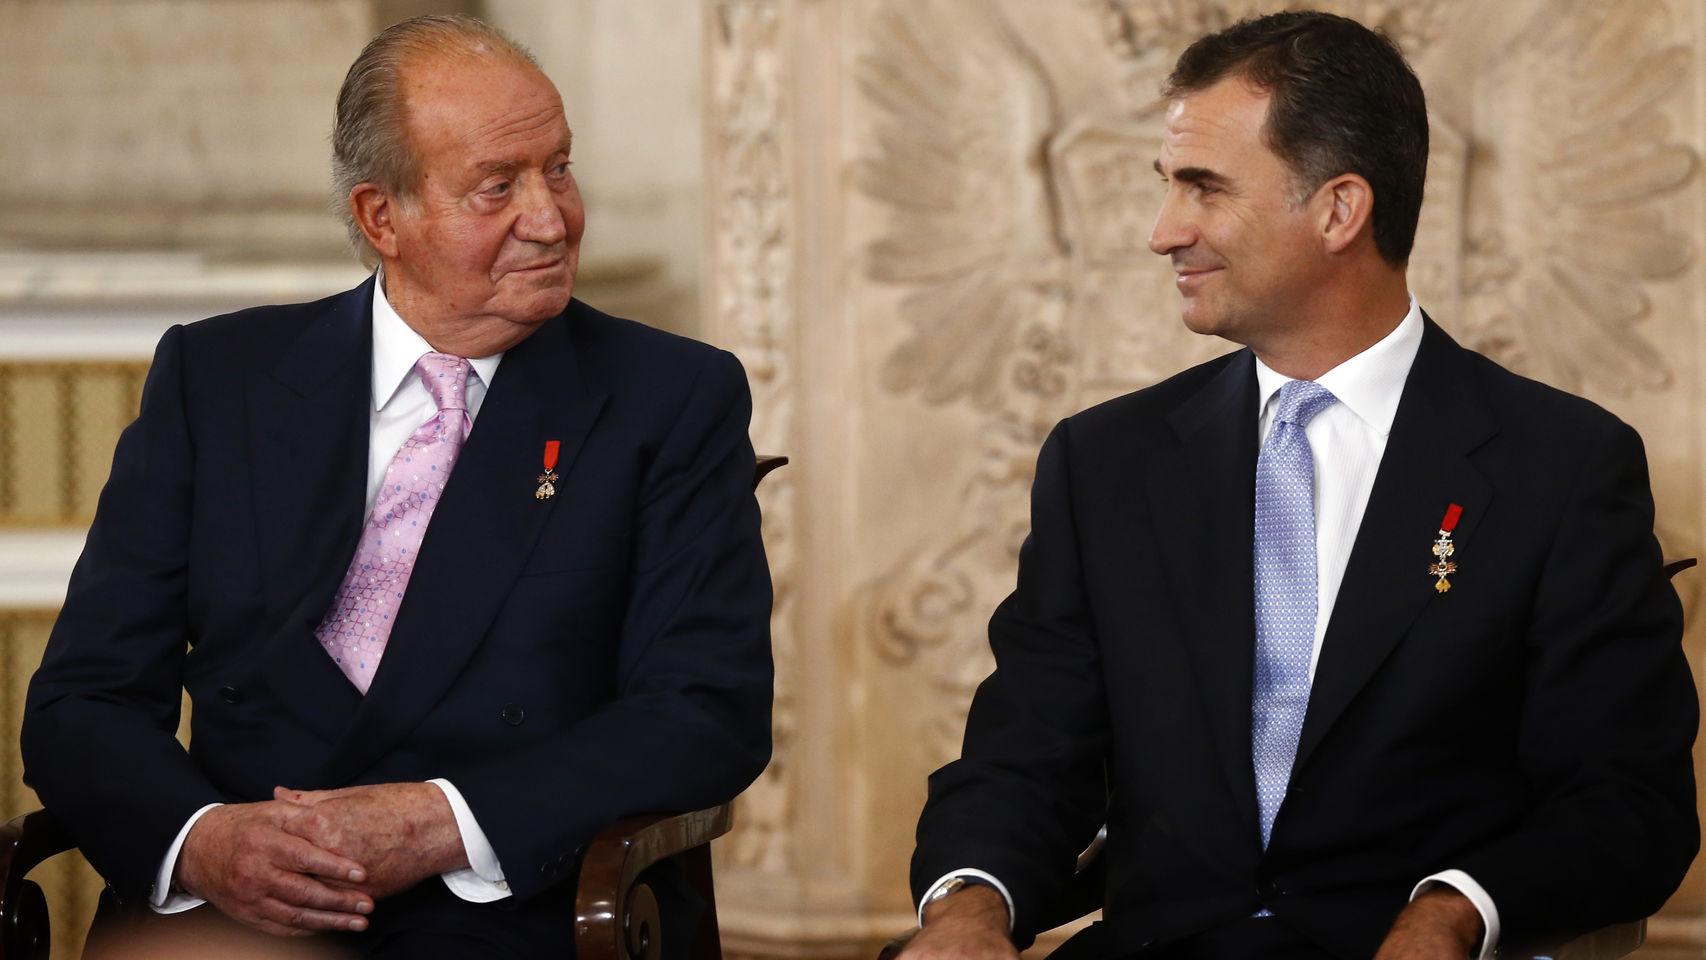 Los Reyes de España más influyentes y recordados de la historia.